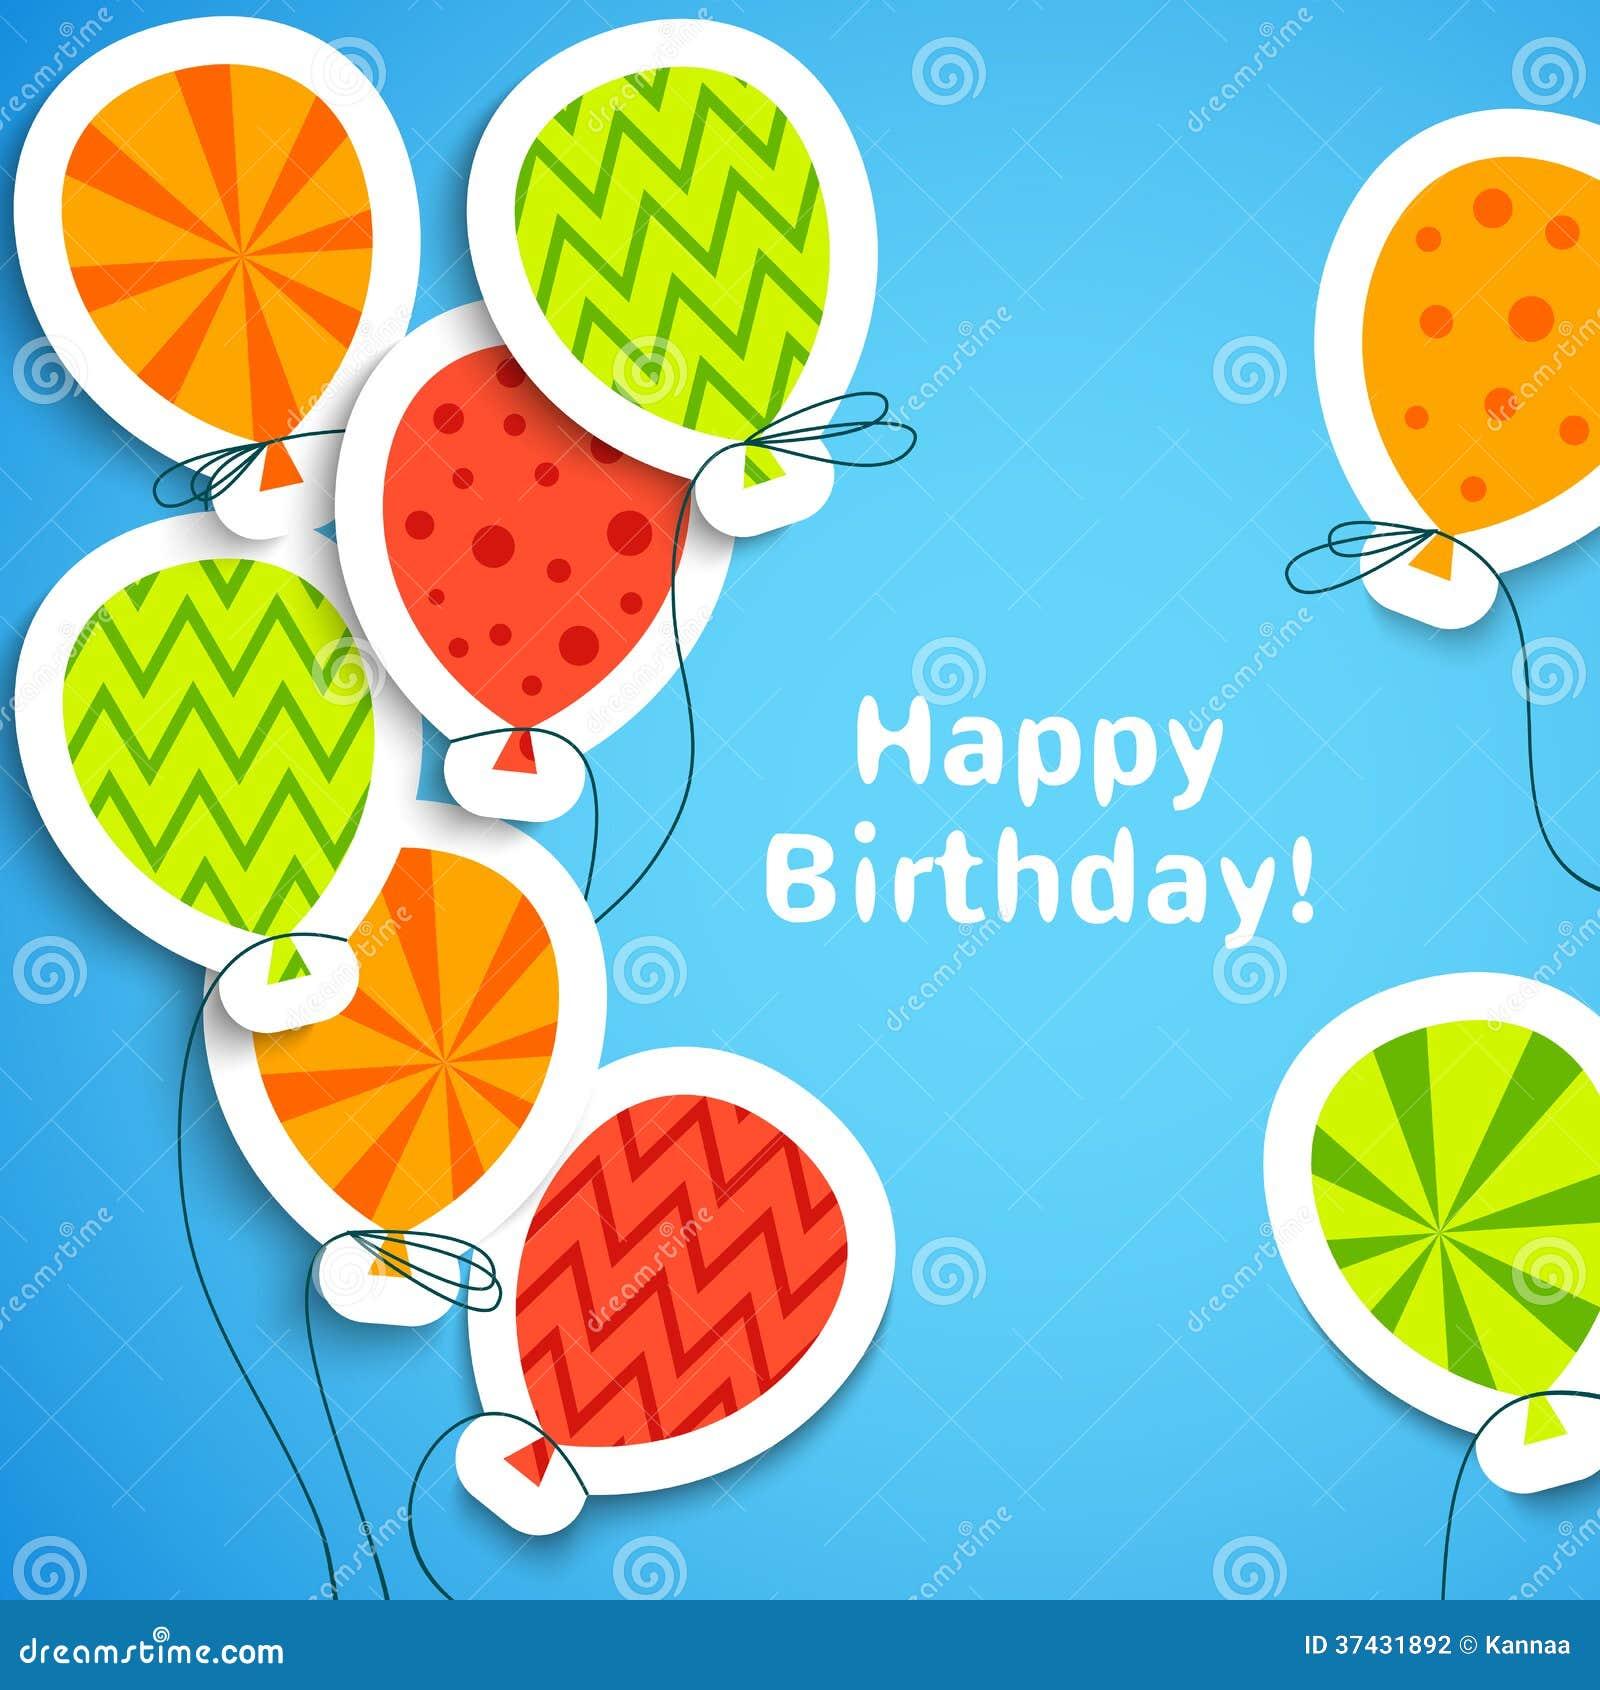 Alles- Gute zum Geburtstagpostkarte mit Ballonen. Vektor